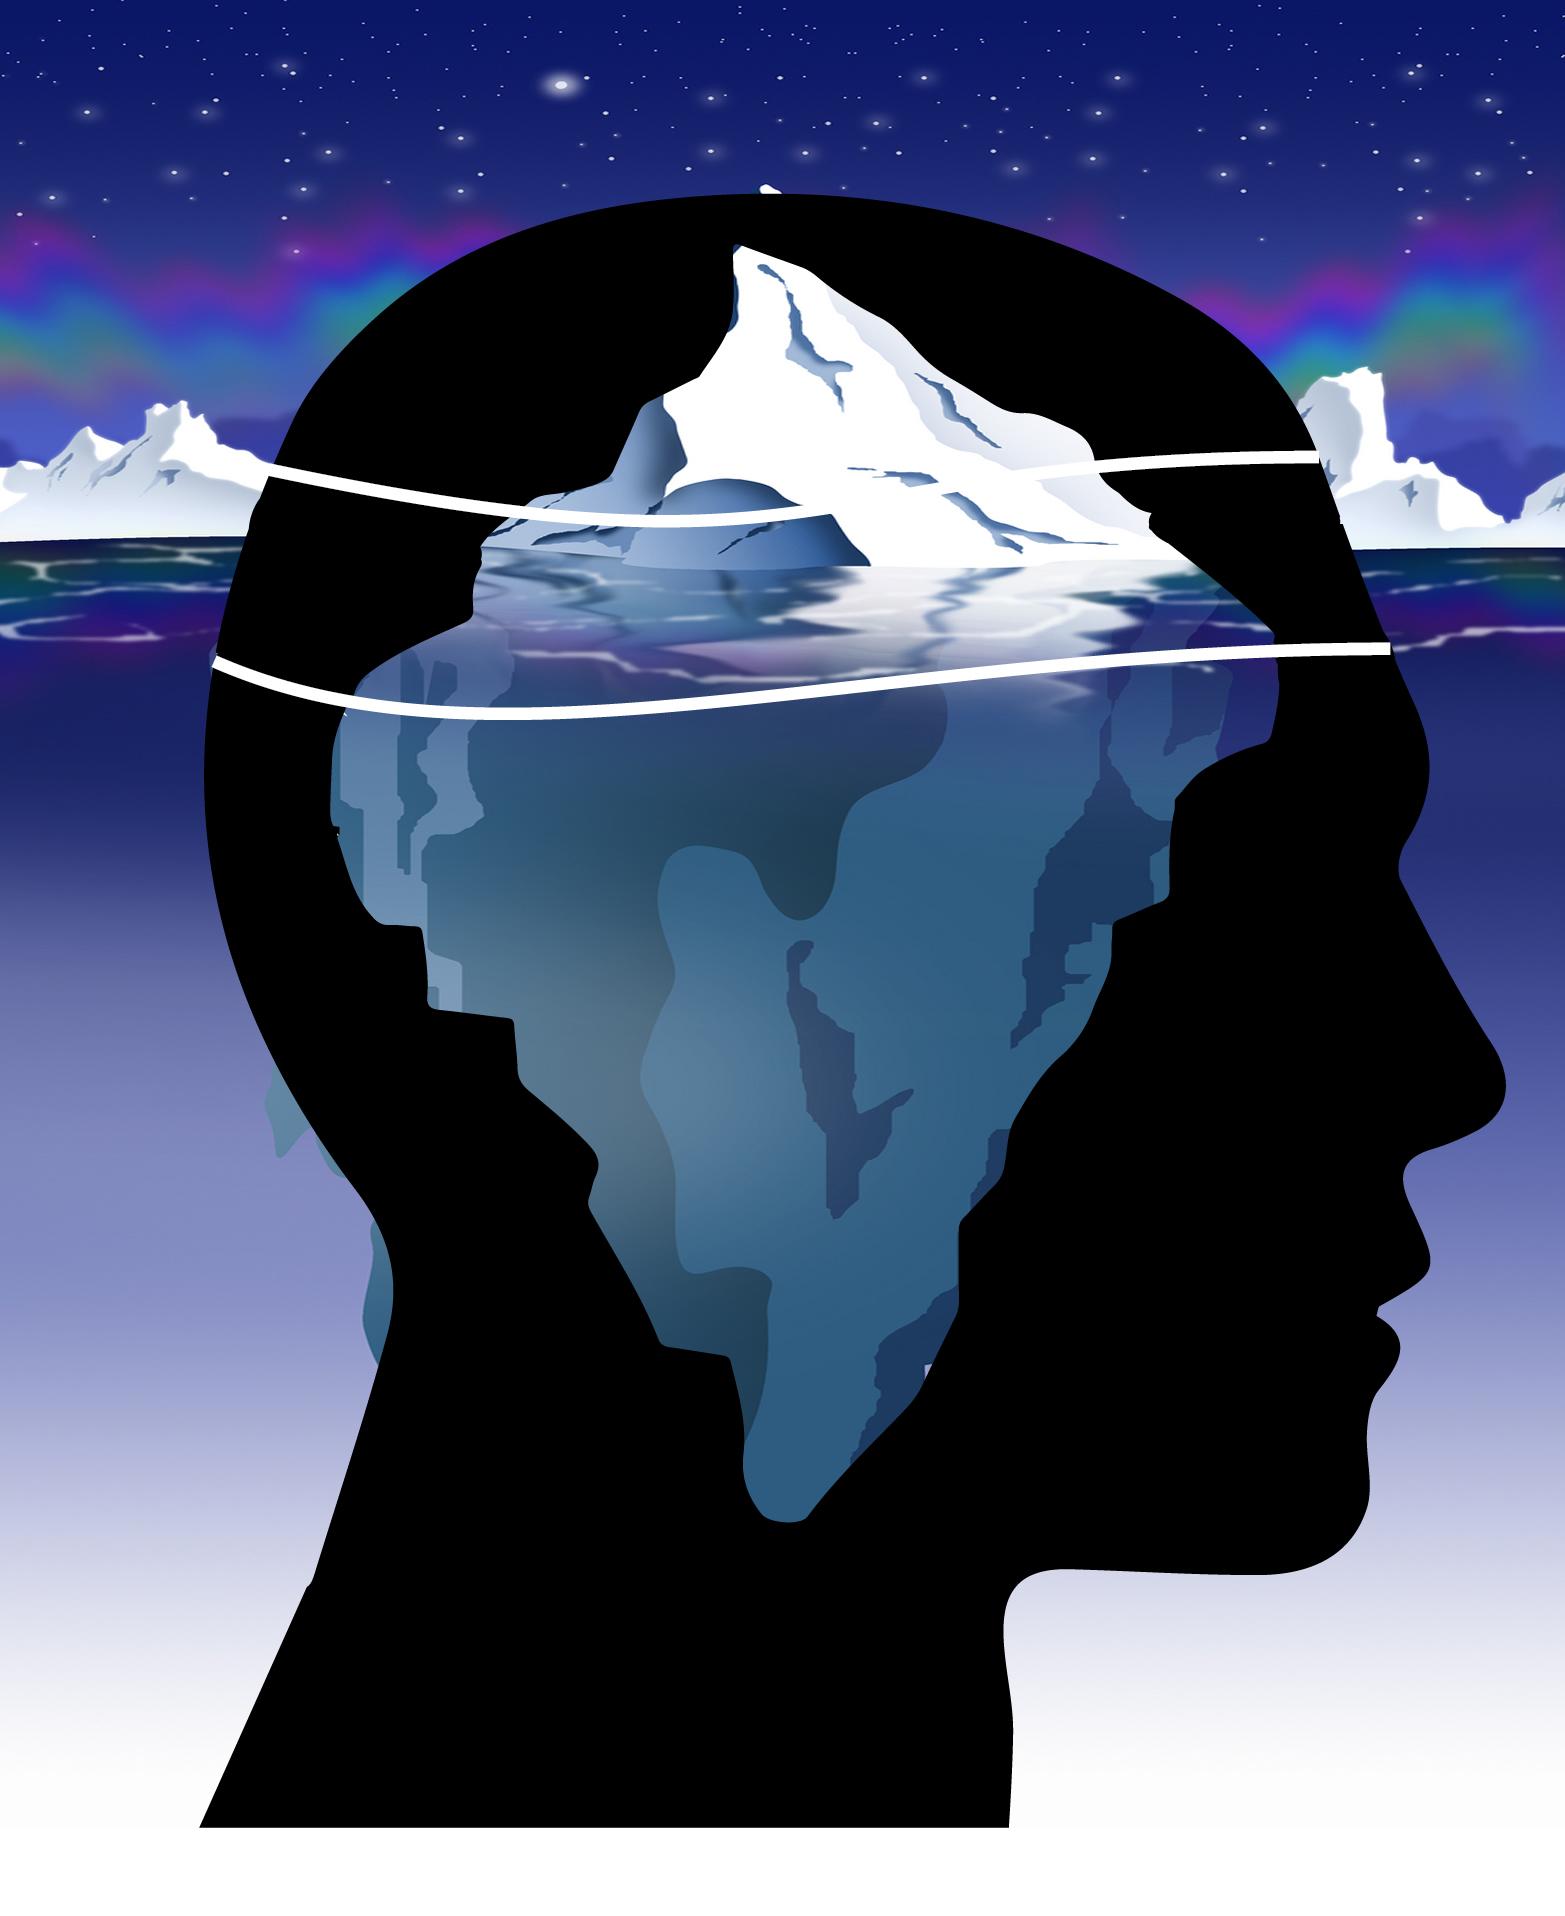 زیگموند فروید در مدل توپوگرافیک، ذهن انسان را به سه قسمت هشیاری، نیمه هشیاری و ناهشیاری تقسیم کرده است.